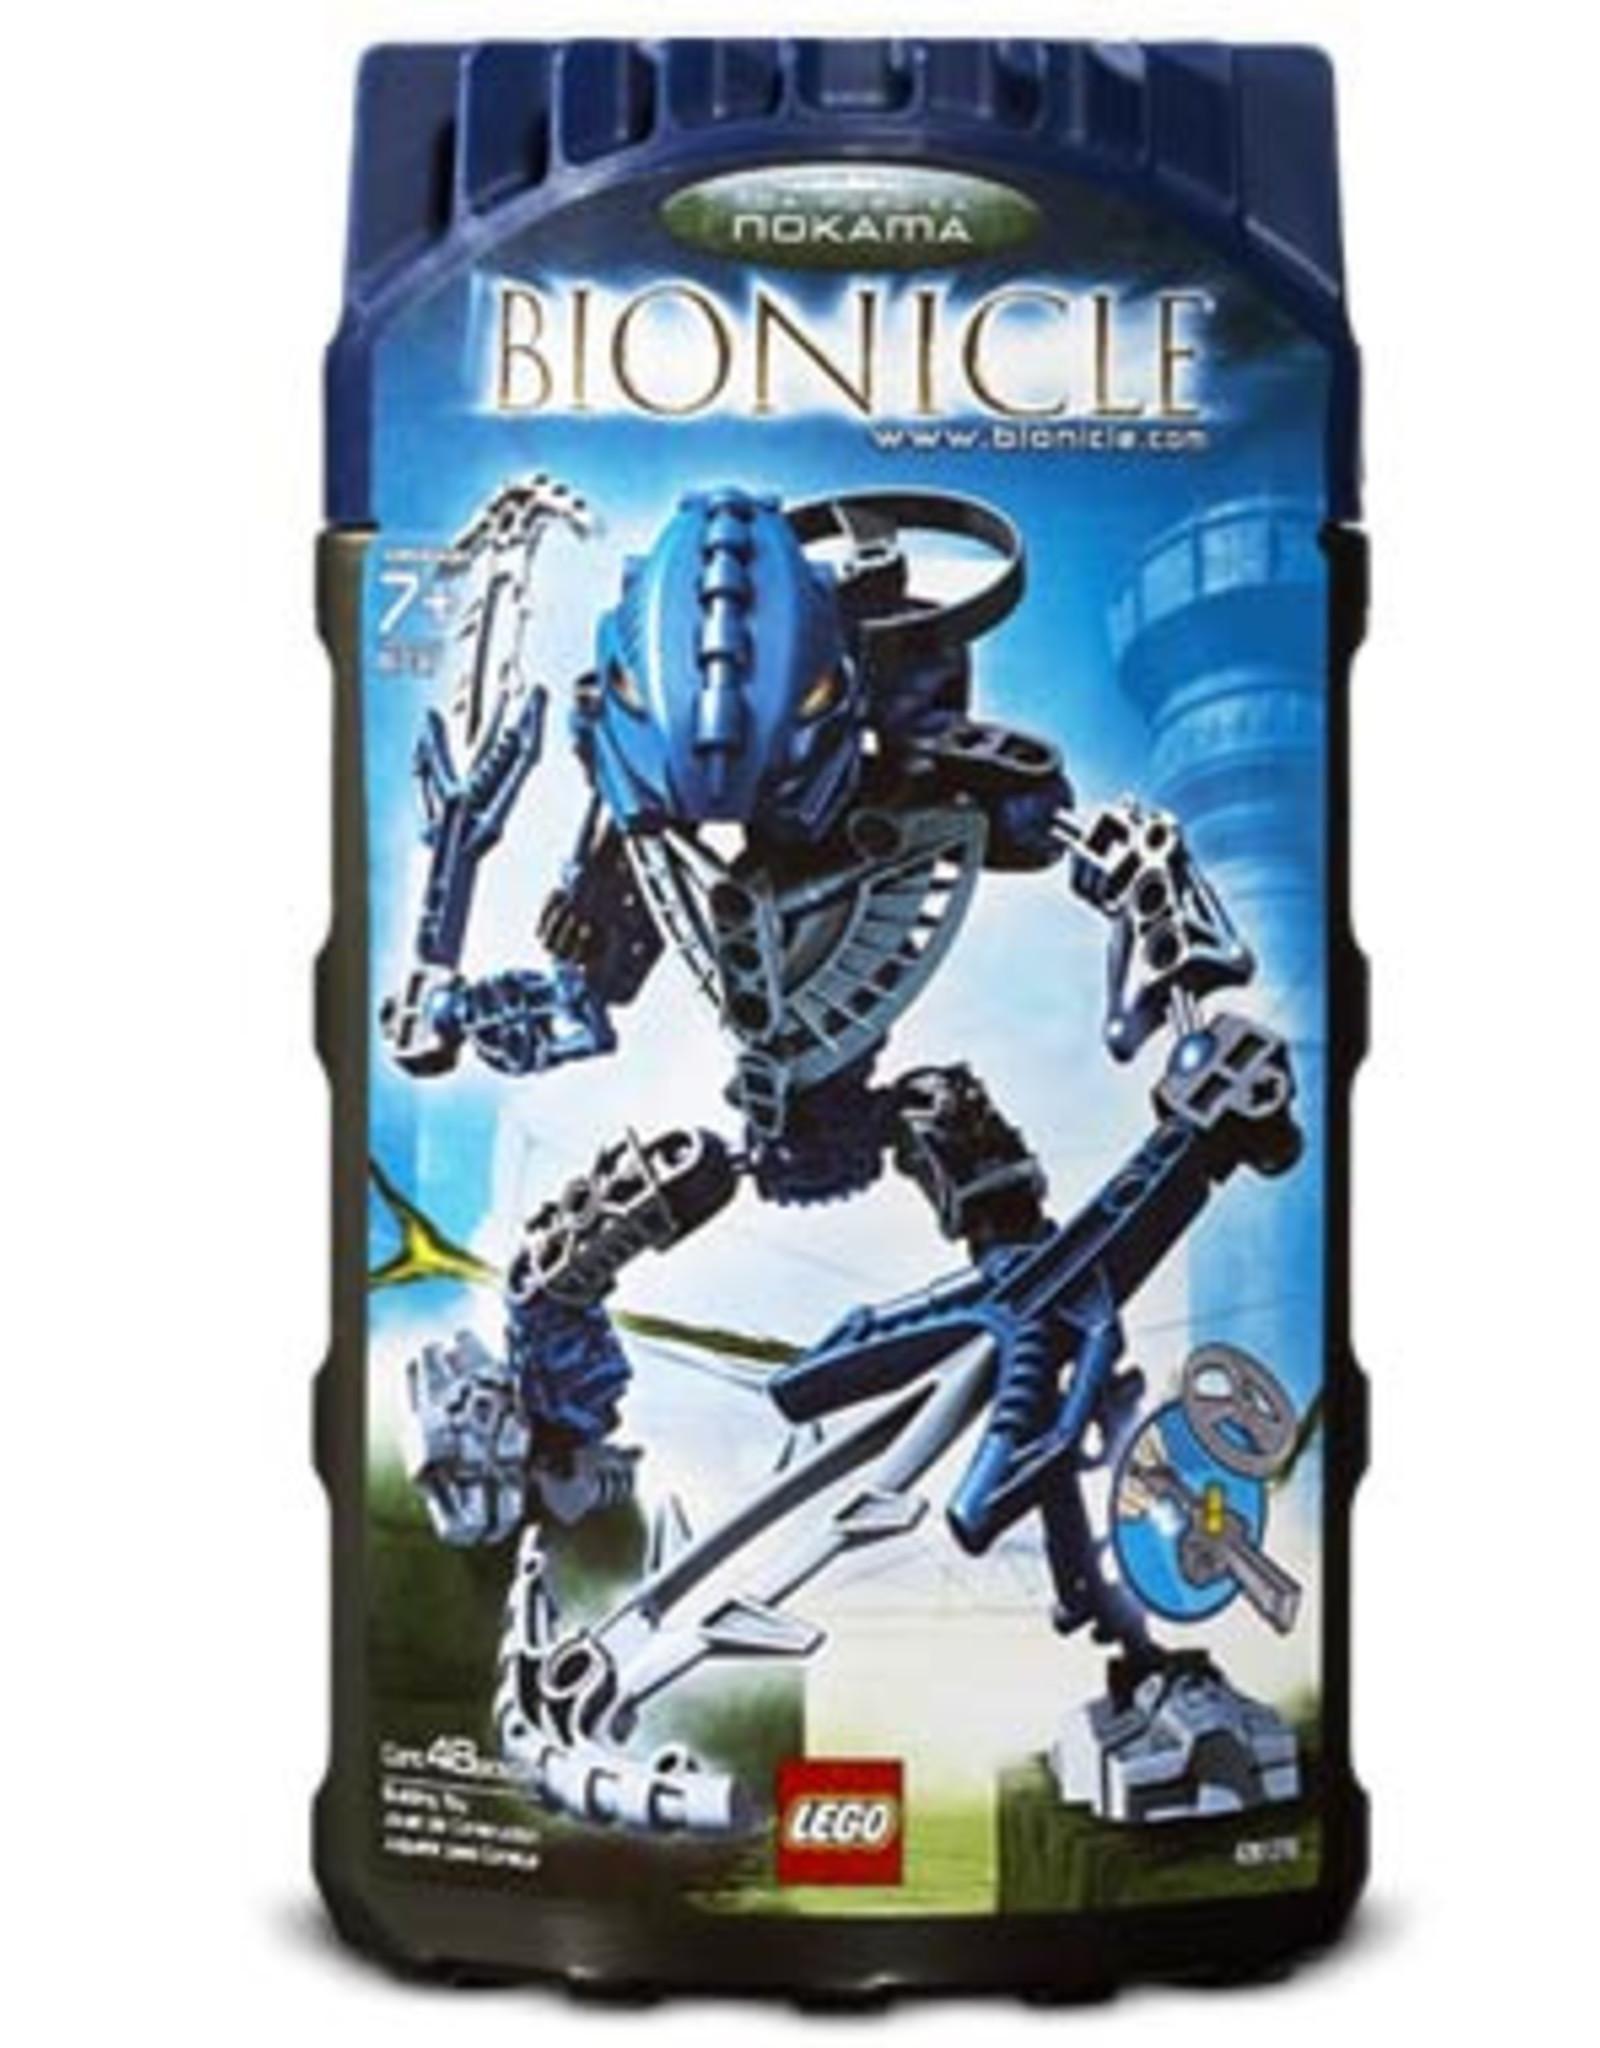 LEGO LEGO 8737 Toa Hordika Nokama BIONICLE